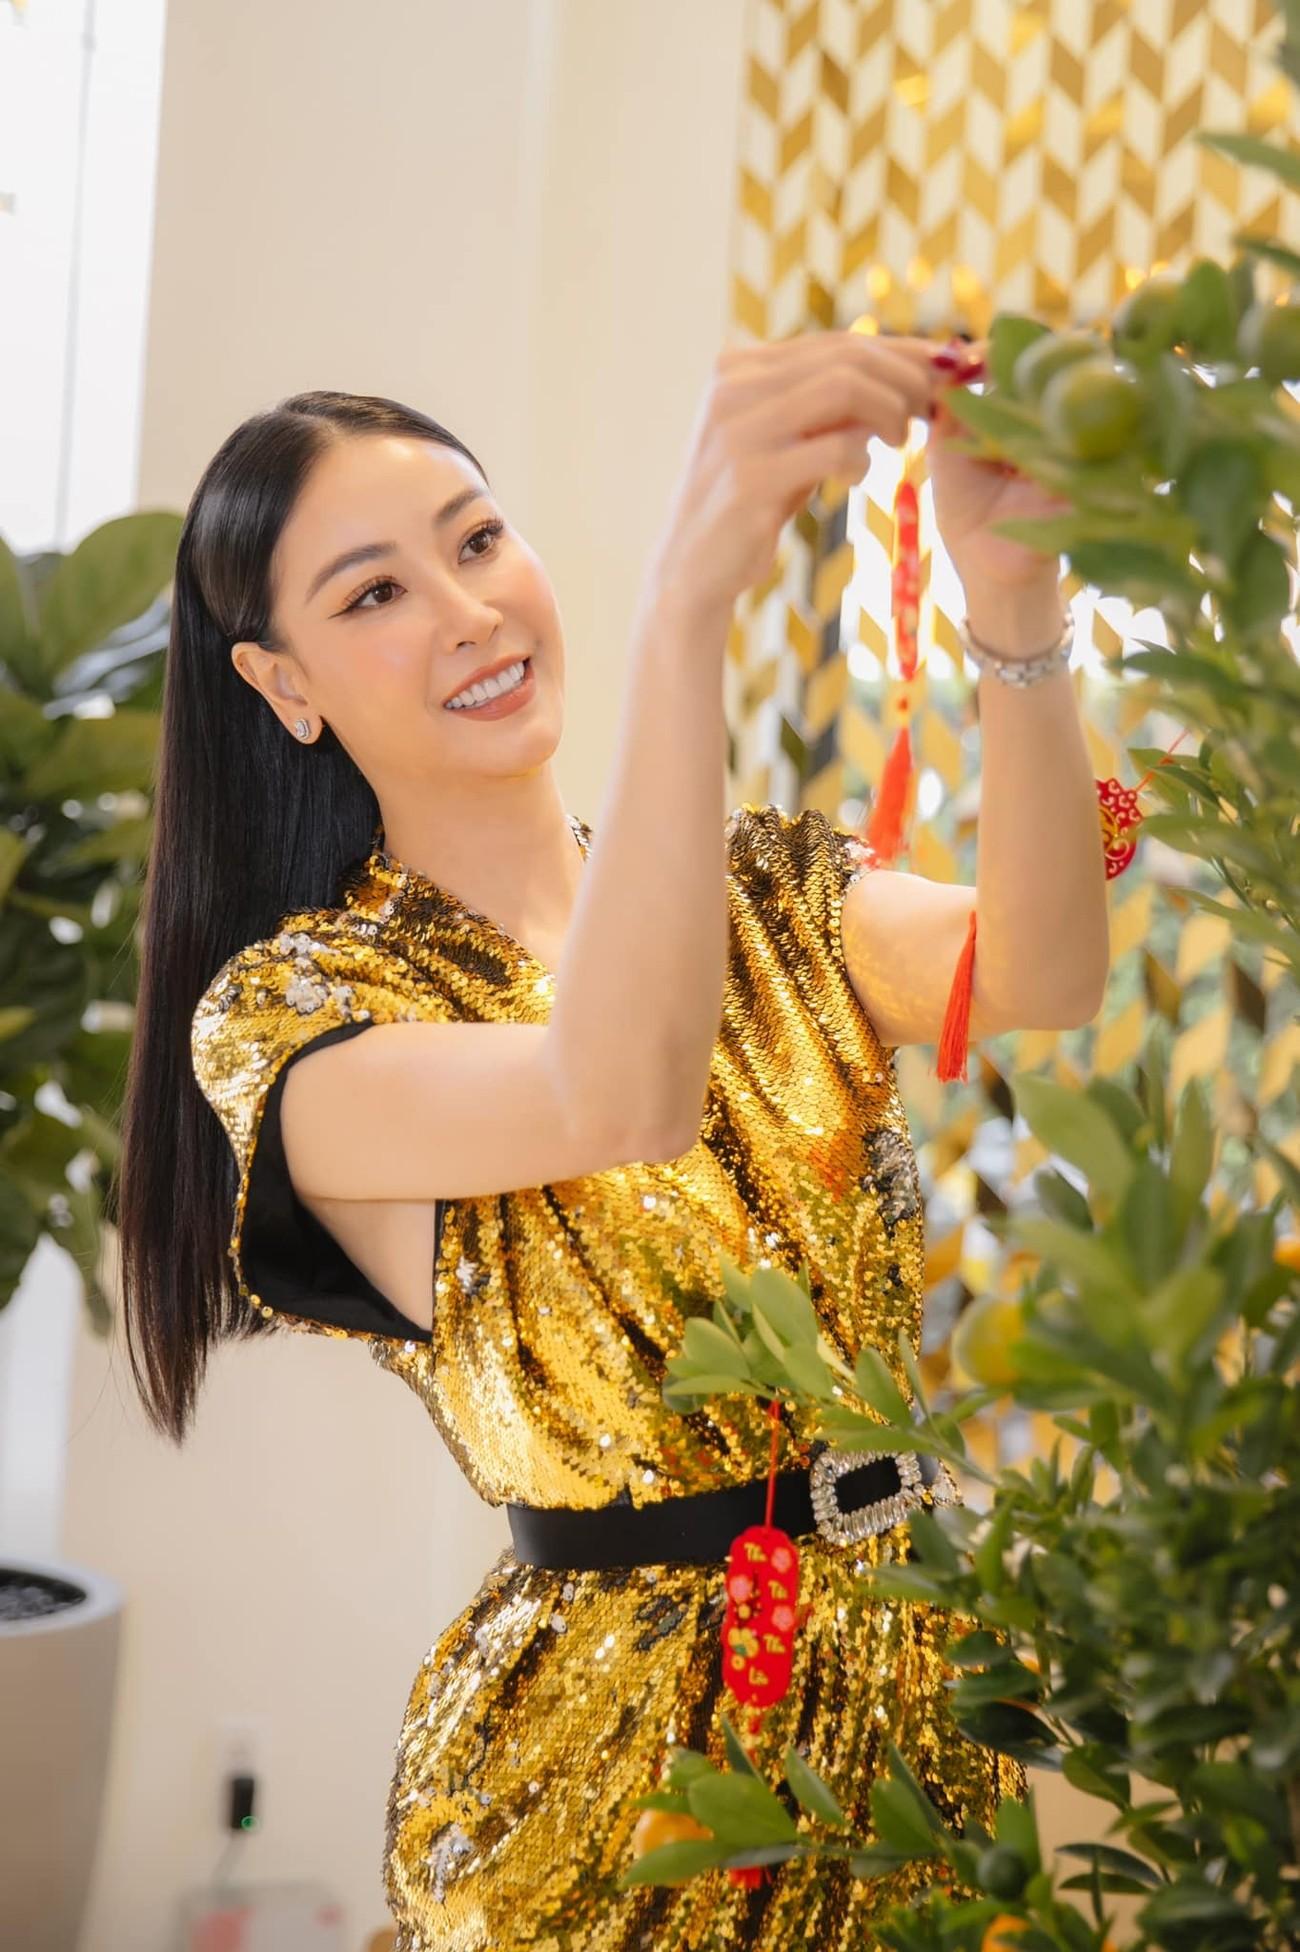 Hoa hậu Tiểu Vy khoe ảnh mẹ diện áo dài ngày mùng 1 Tết, fans trầm trồ vì nhan sắc trẻ đẹp ảnh 21